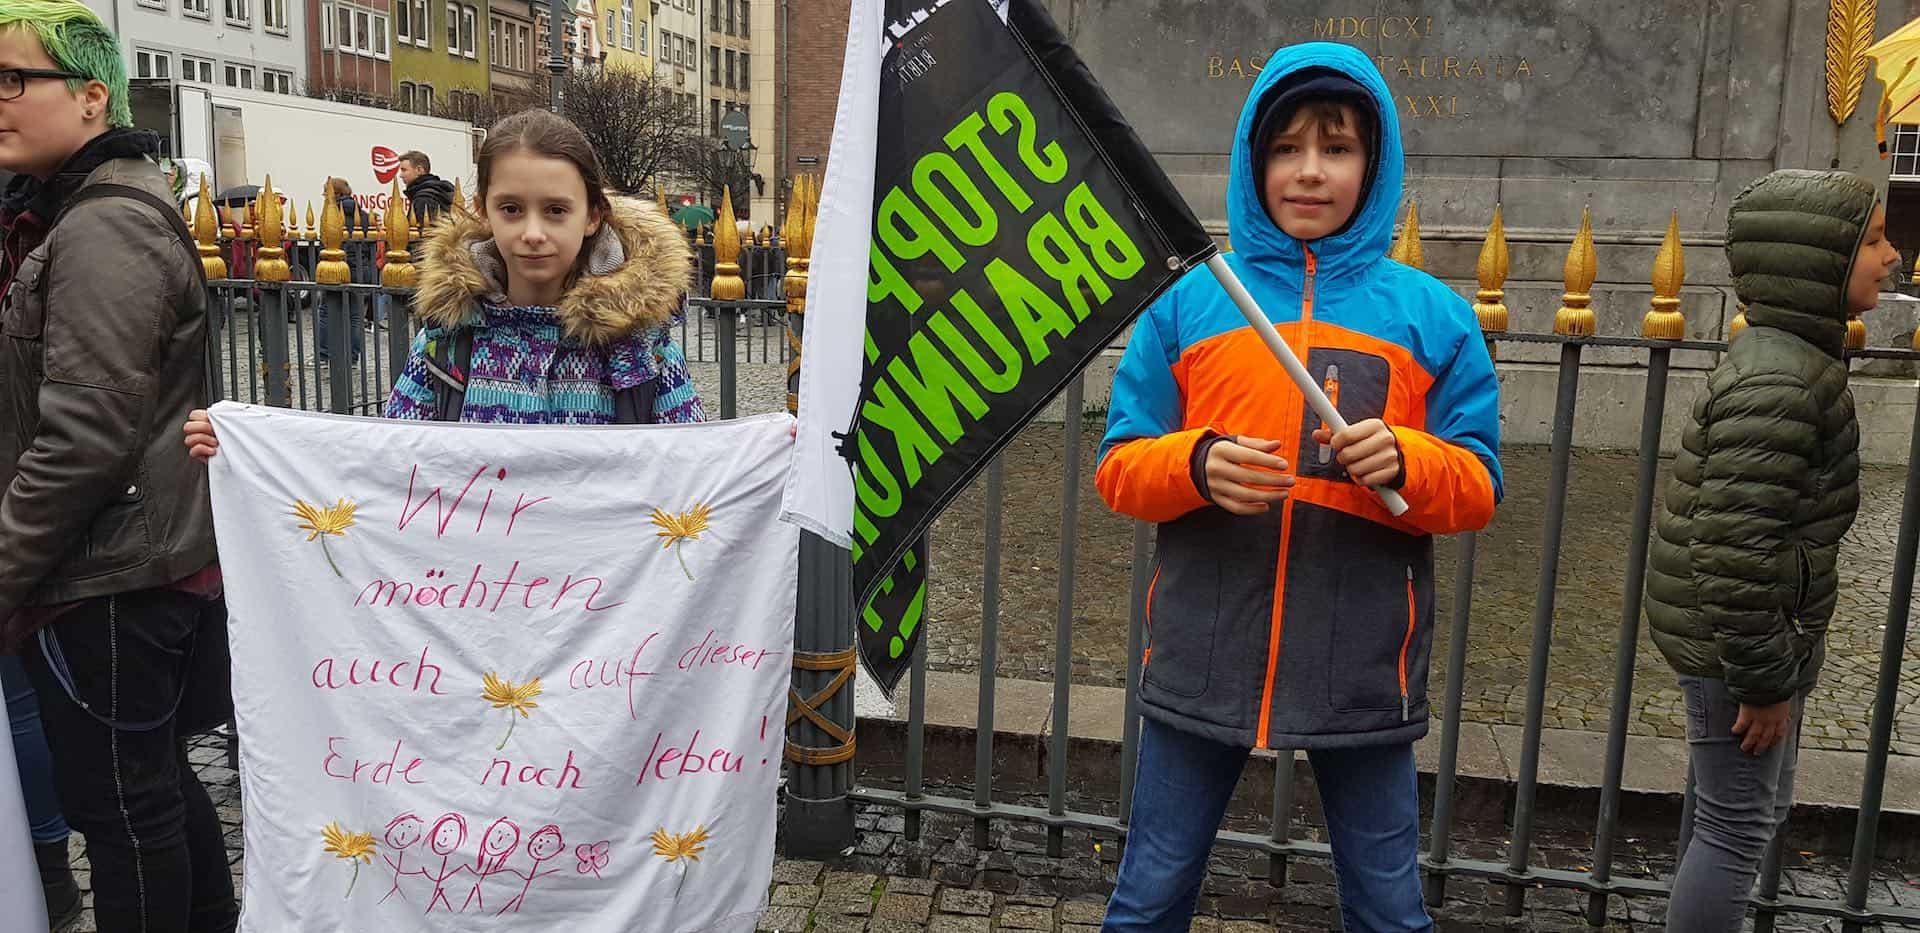 Zwei junge Demonstranten (c) Emma Kadach